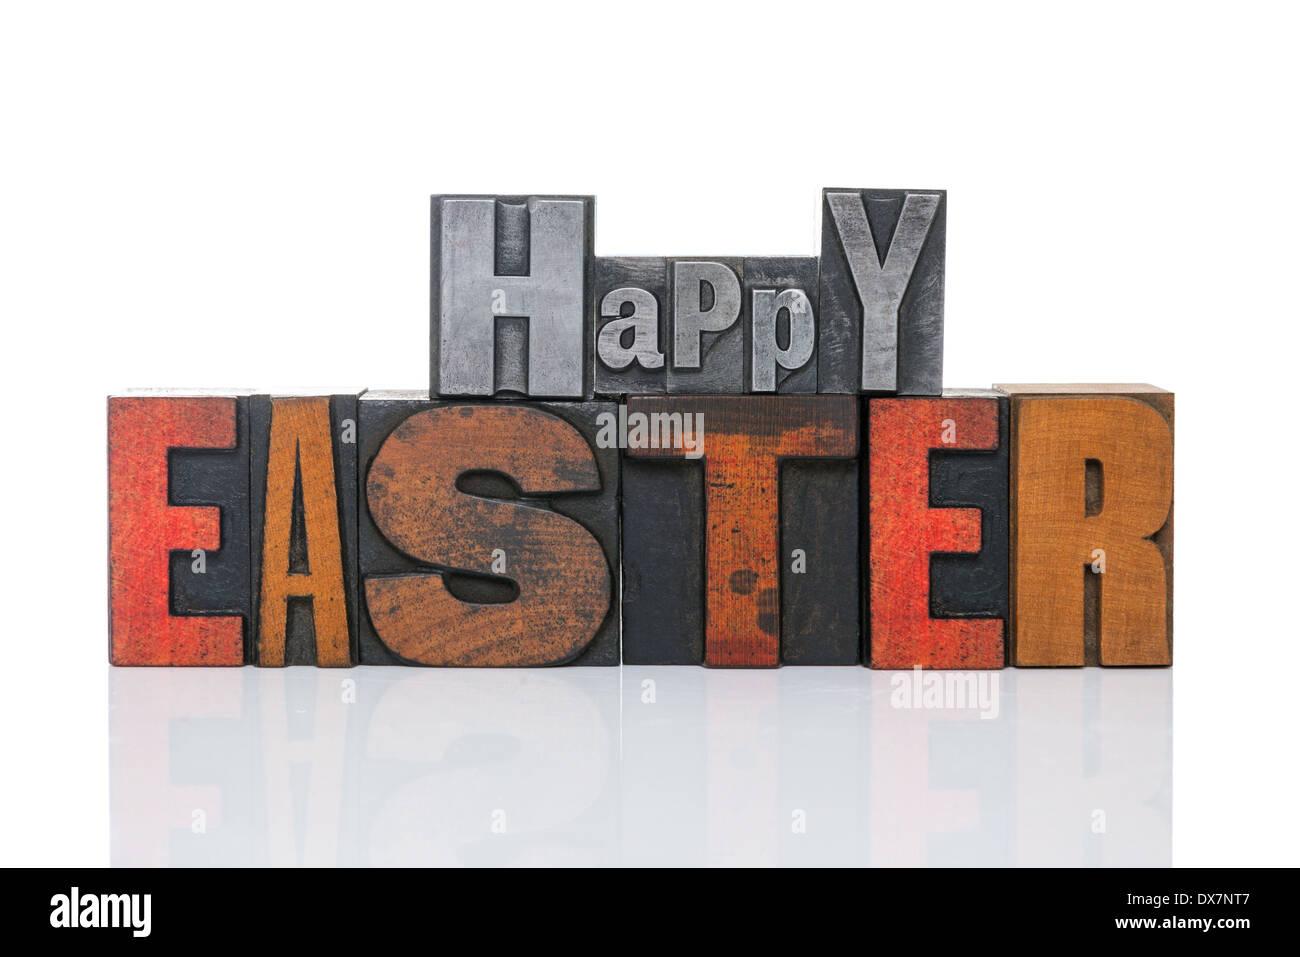 Palabras Feliz Pascua en viejas de metal y madera aislado en una tipografía bcakground blanco. Imagen De Stock